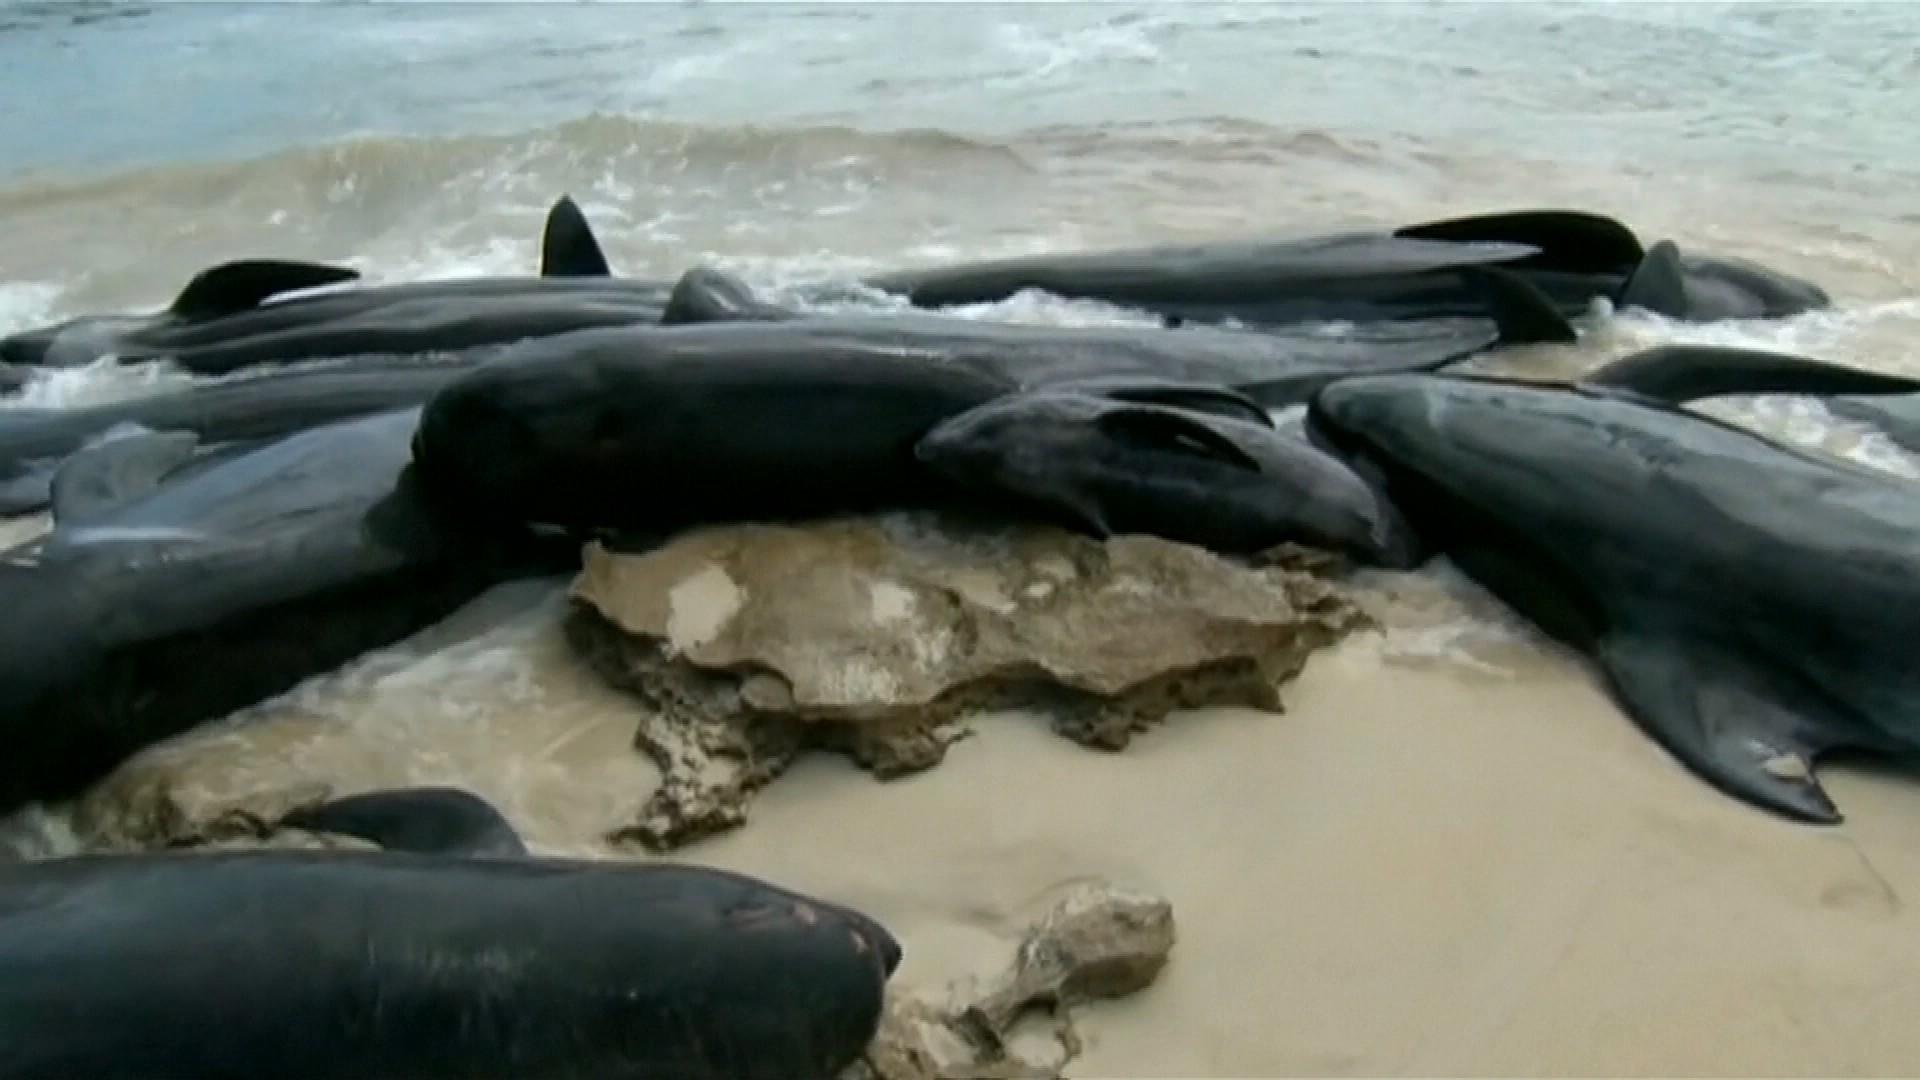 150 baleines échouées dans une baie au sud-ouest de l'Australie